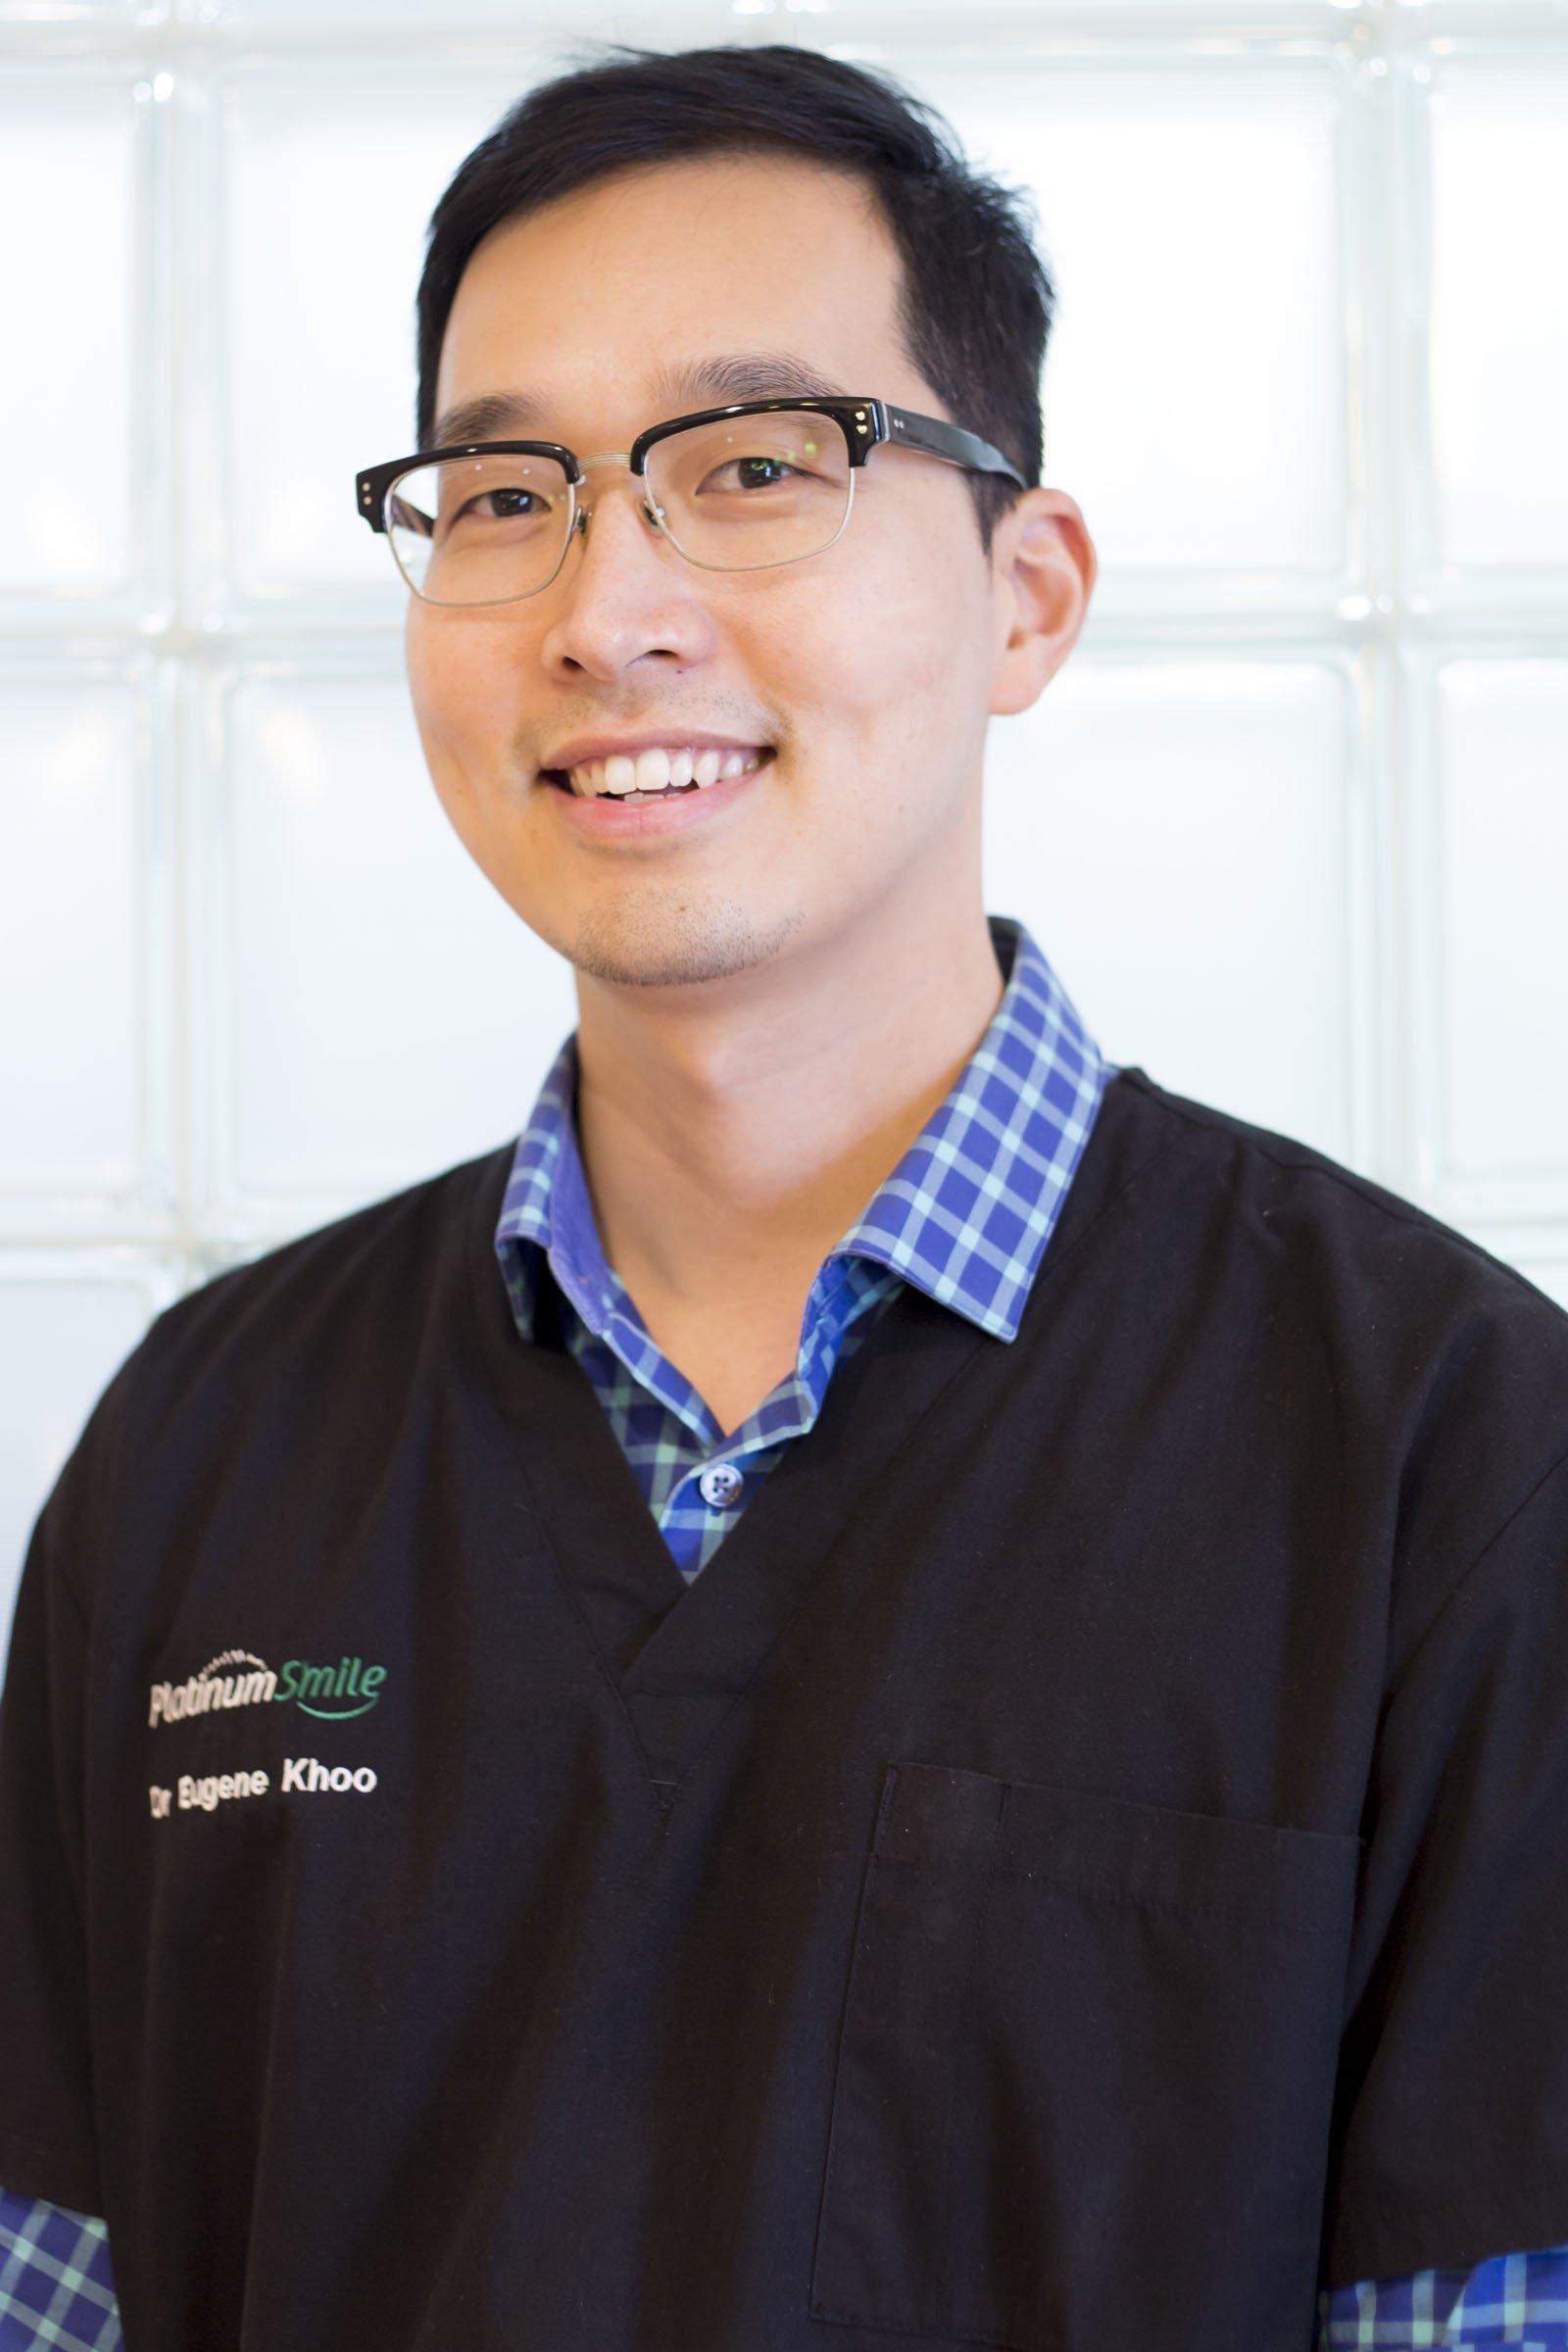 Dr. Eugene Khoo